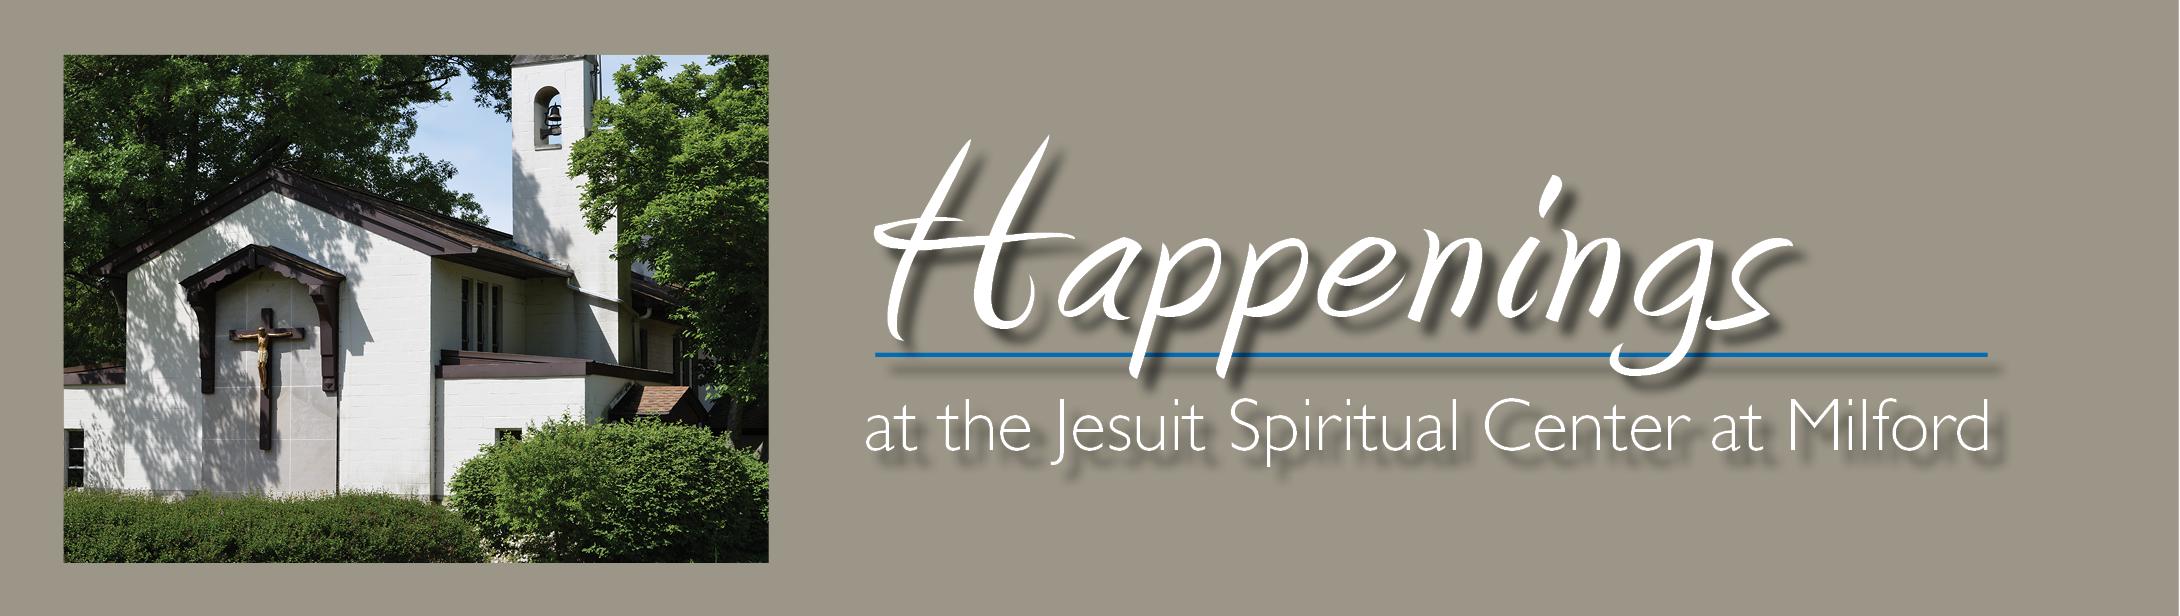 Jesuit Spiritual Center at Milford